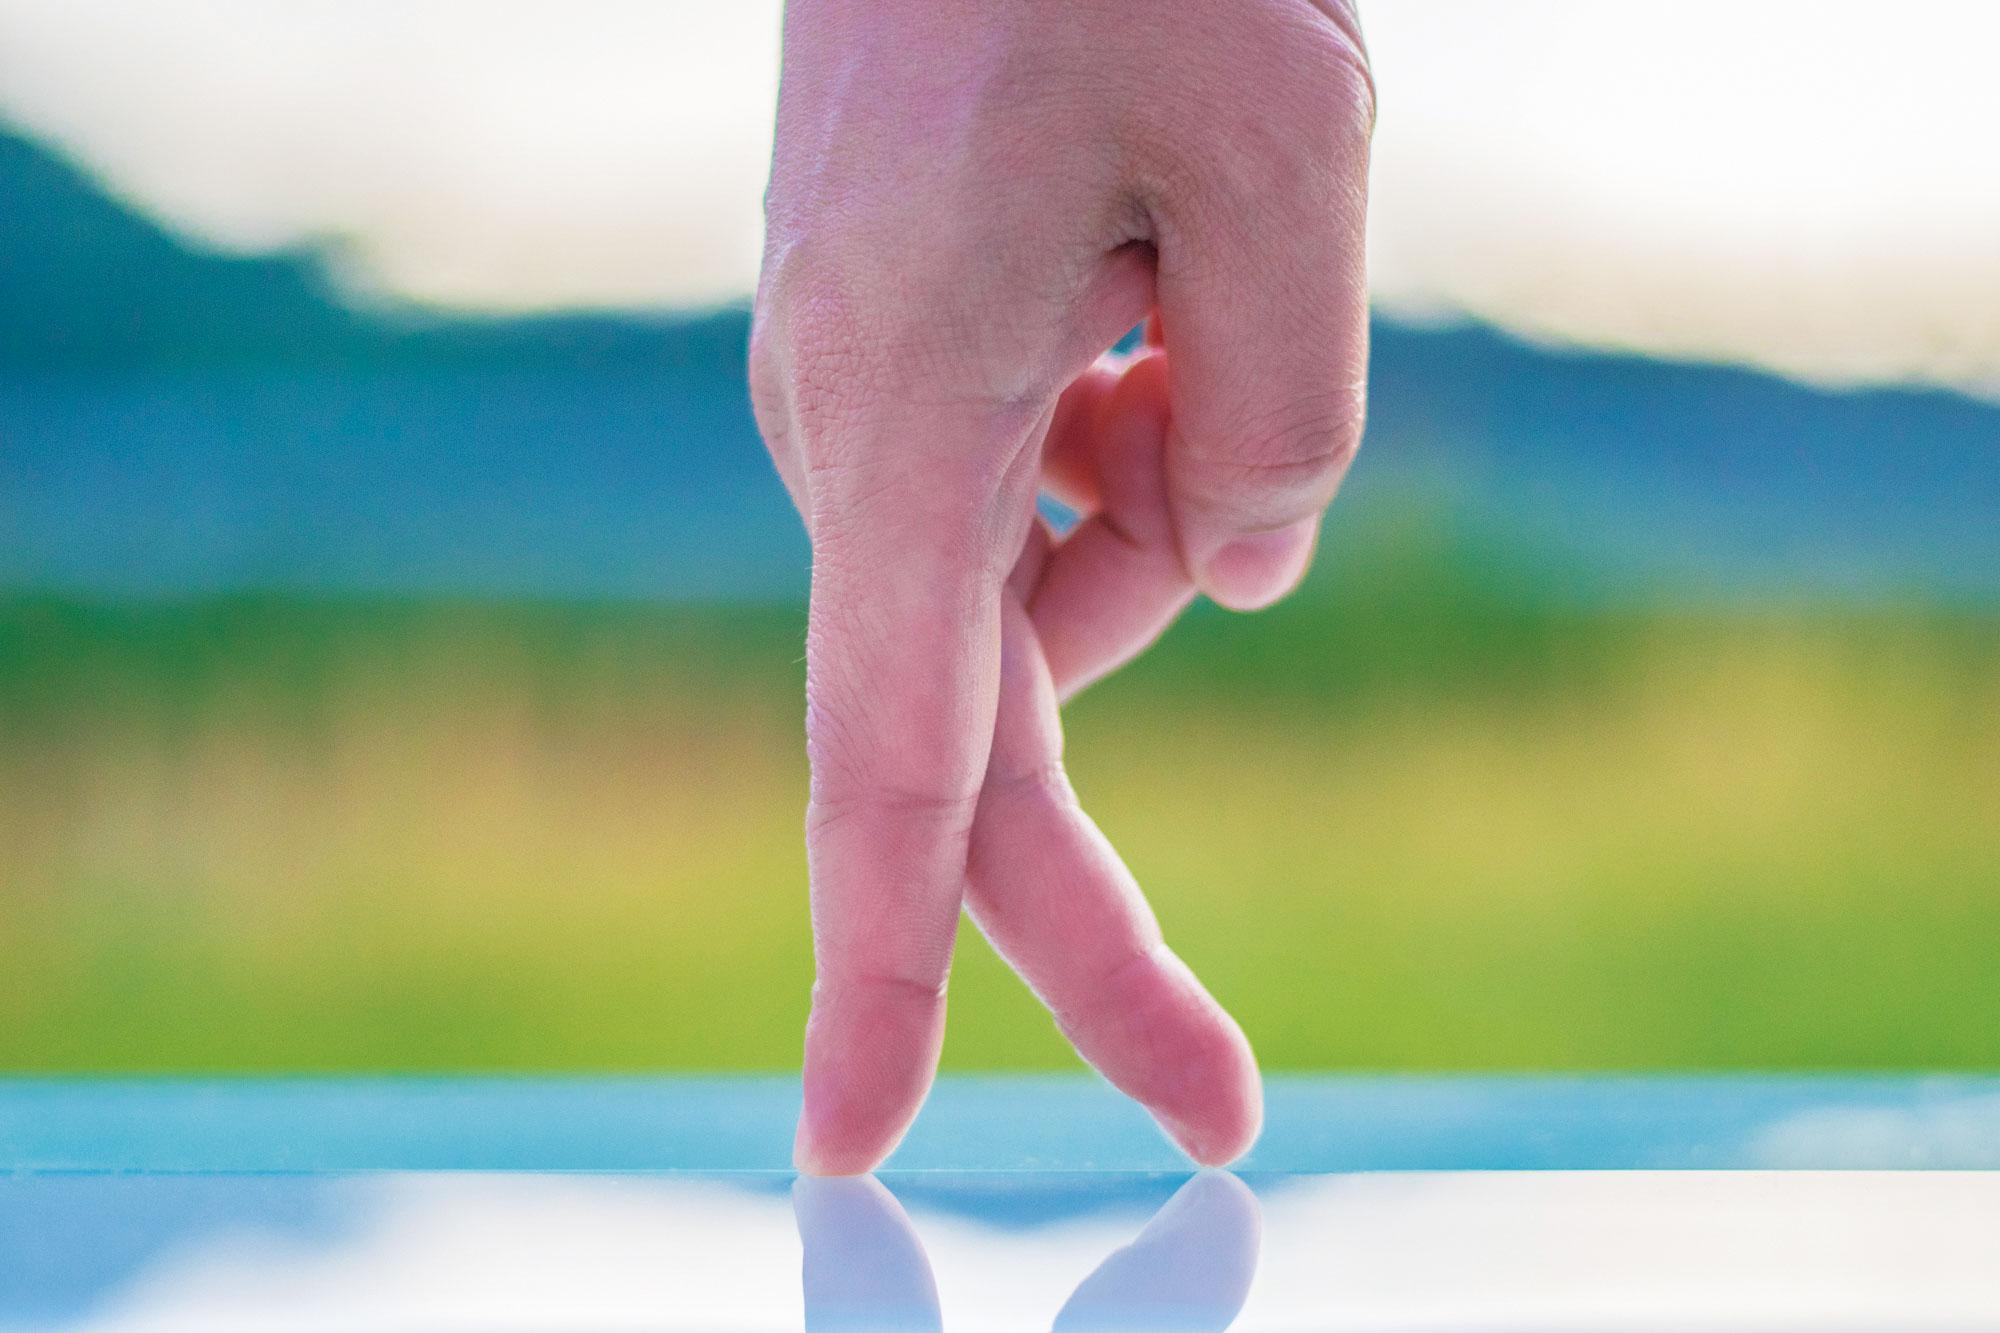 指が一本の線の上を歩くイメージの写真